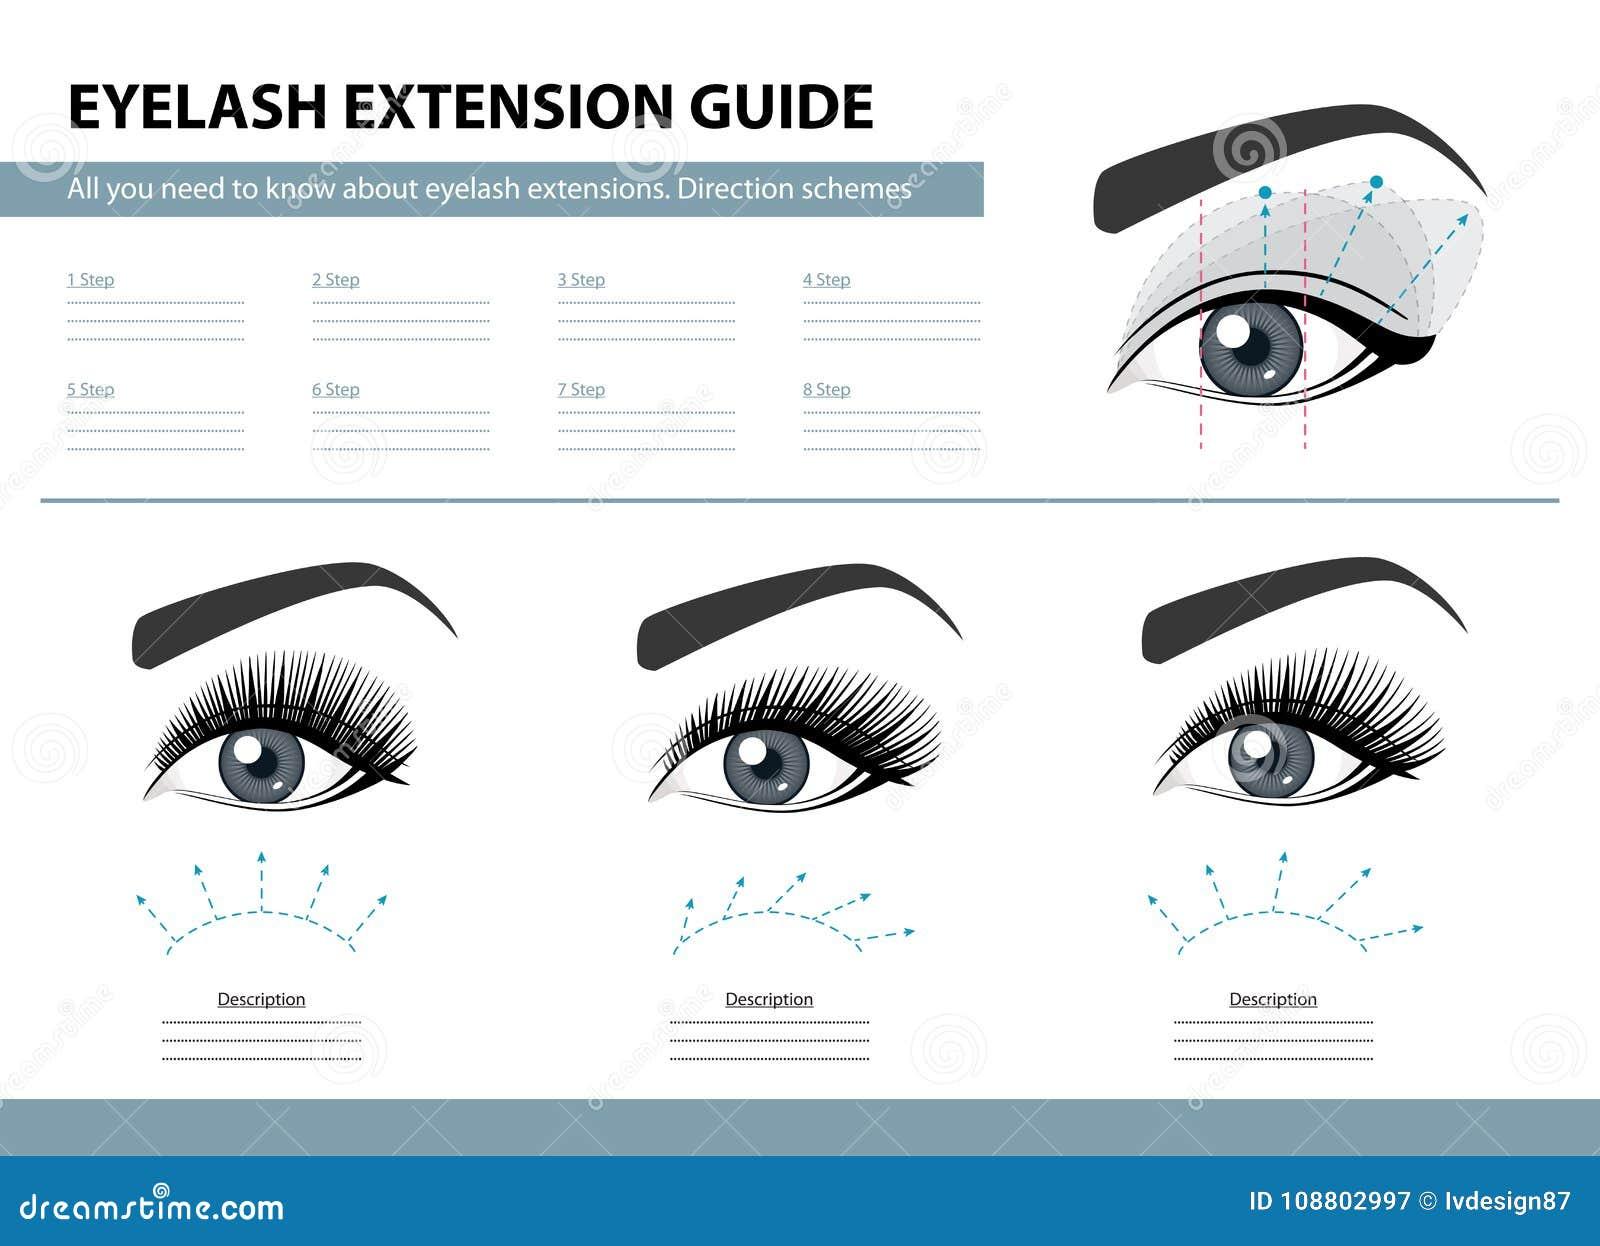 Οδηγός επέκτασης Eyelash Σχέδια κατεύθυνσης Άκρες και τεχνάσματα για την επέκταση μαστιγίων Διανυσματική απεικόνιση Infographic Π